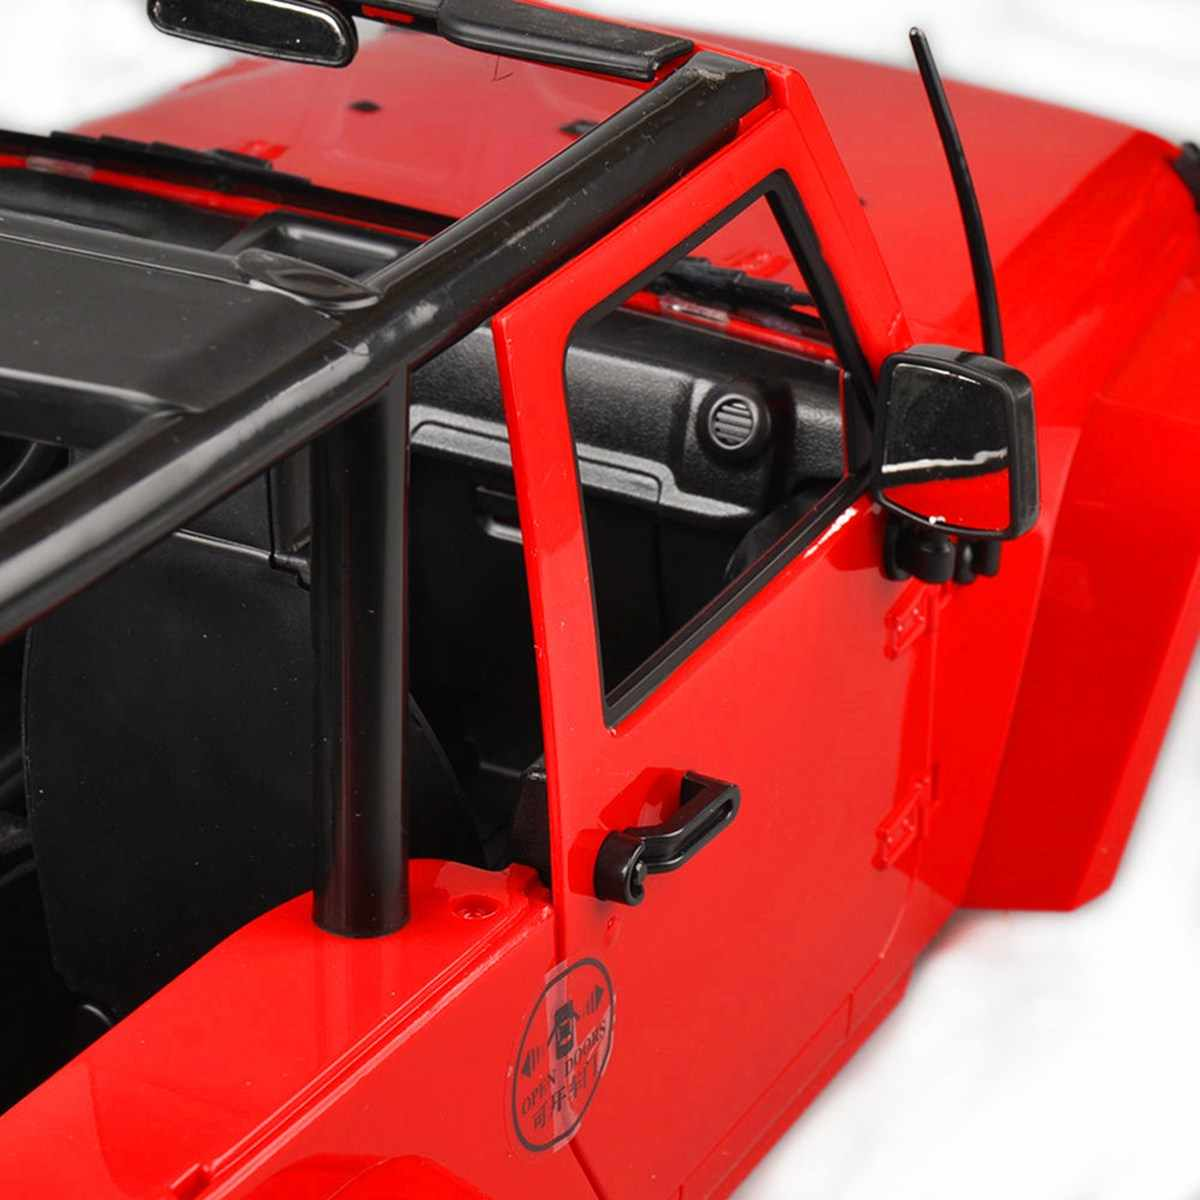 Cubierta de cuerpo duro dosel J eep RC 1/10 SCX10/D90 camión de orugas de roca rojo